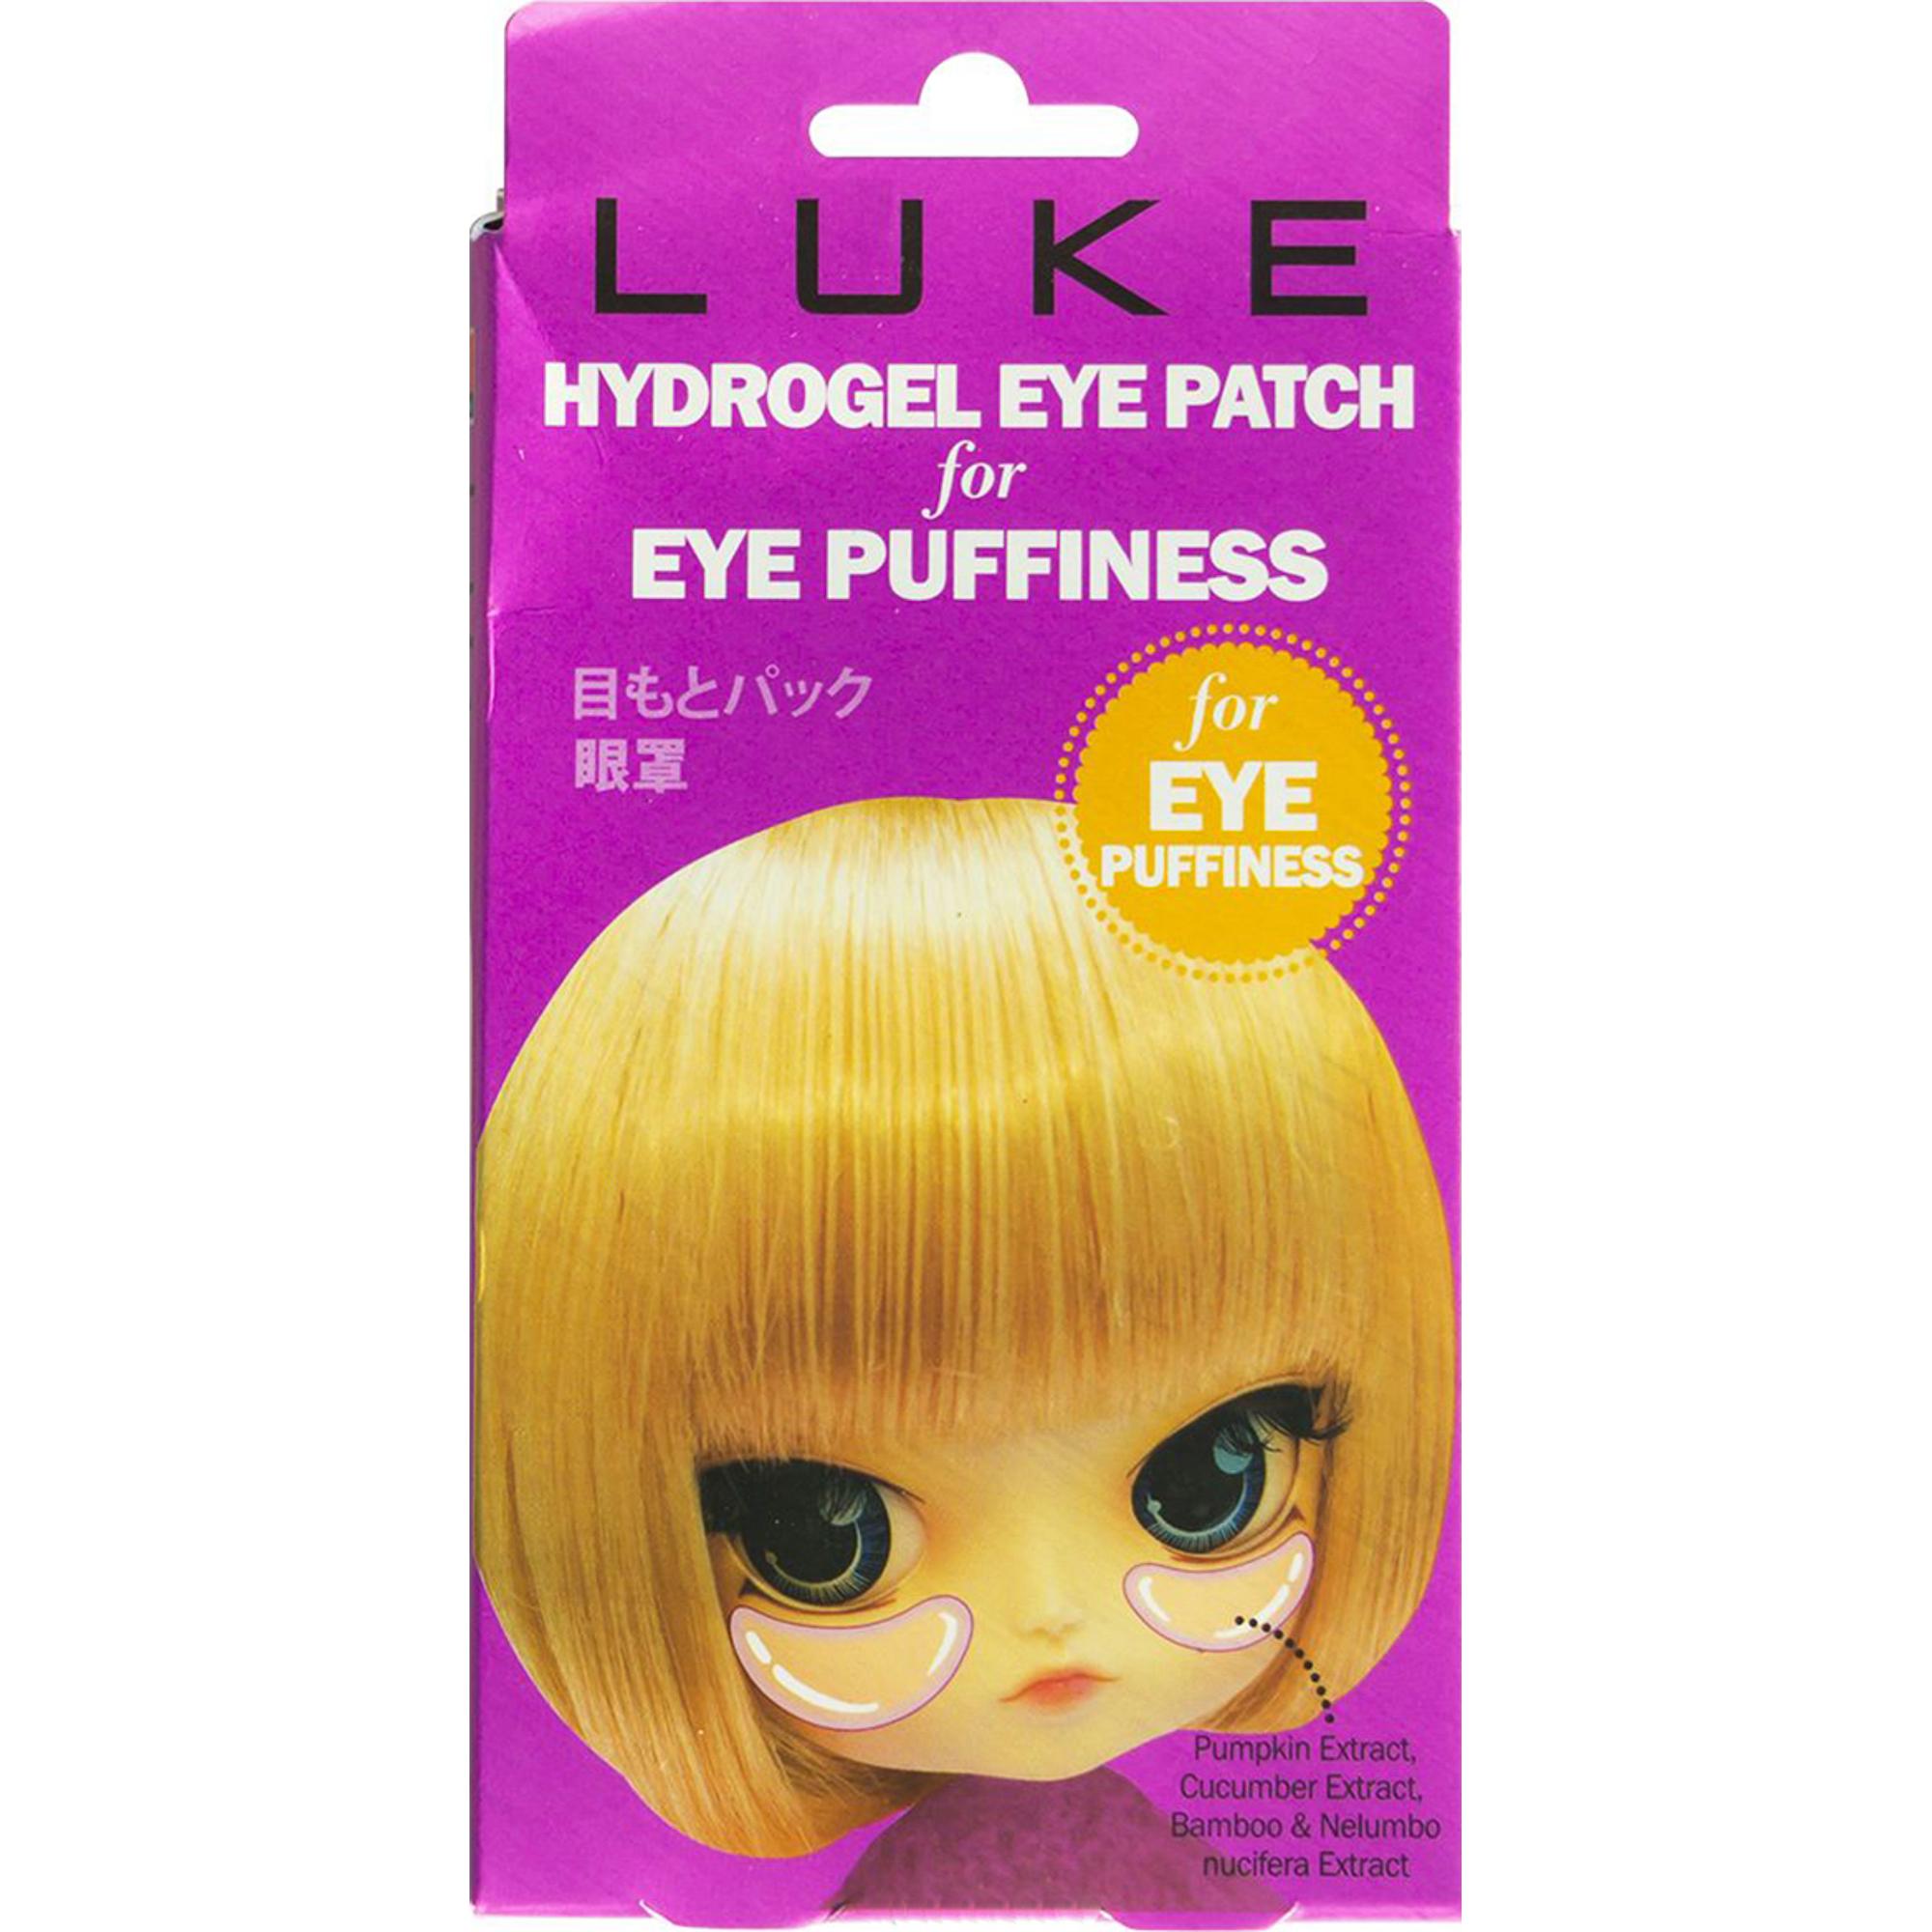 Гидрогелевые патчи для глаз LUKE От припухлостей с экстрактами огурца и бамбука.